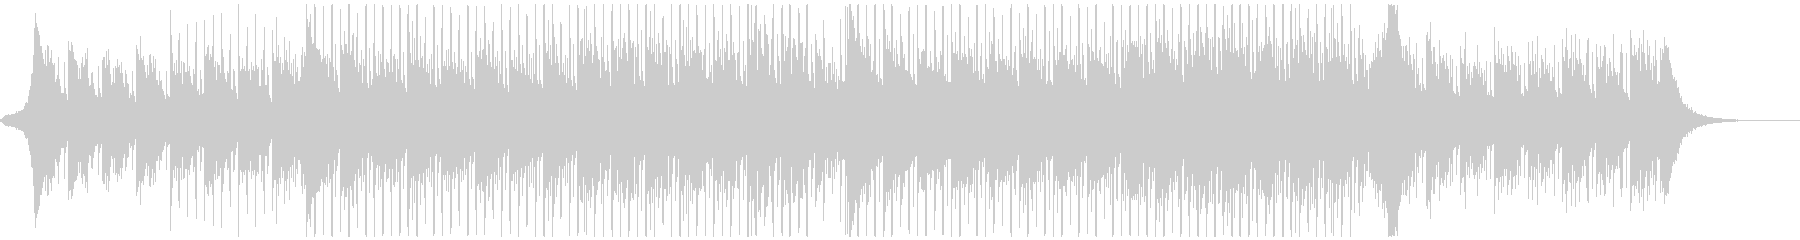 誠実なイメージのBGM。4つ打ち/ハウスの未再生の波形